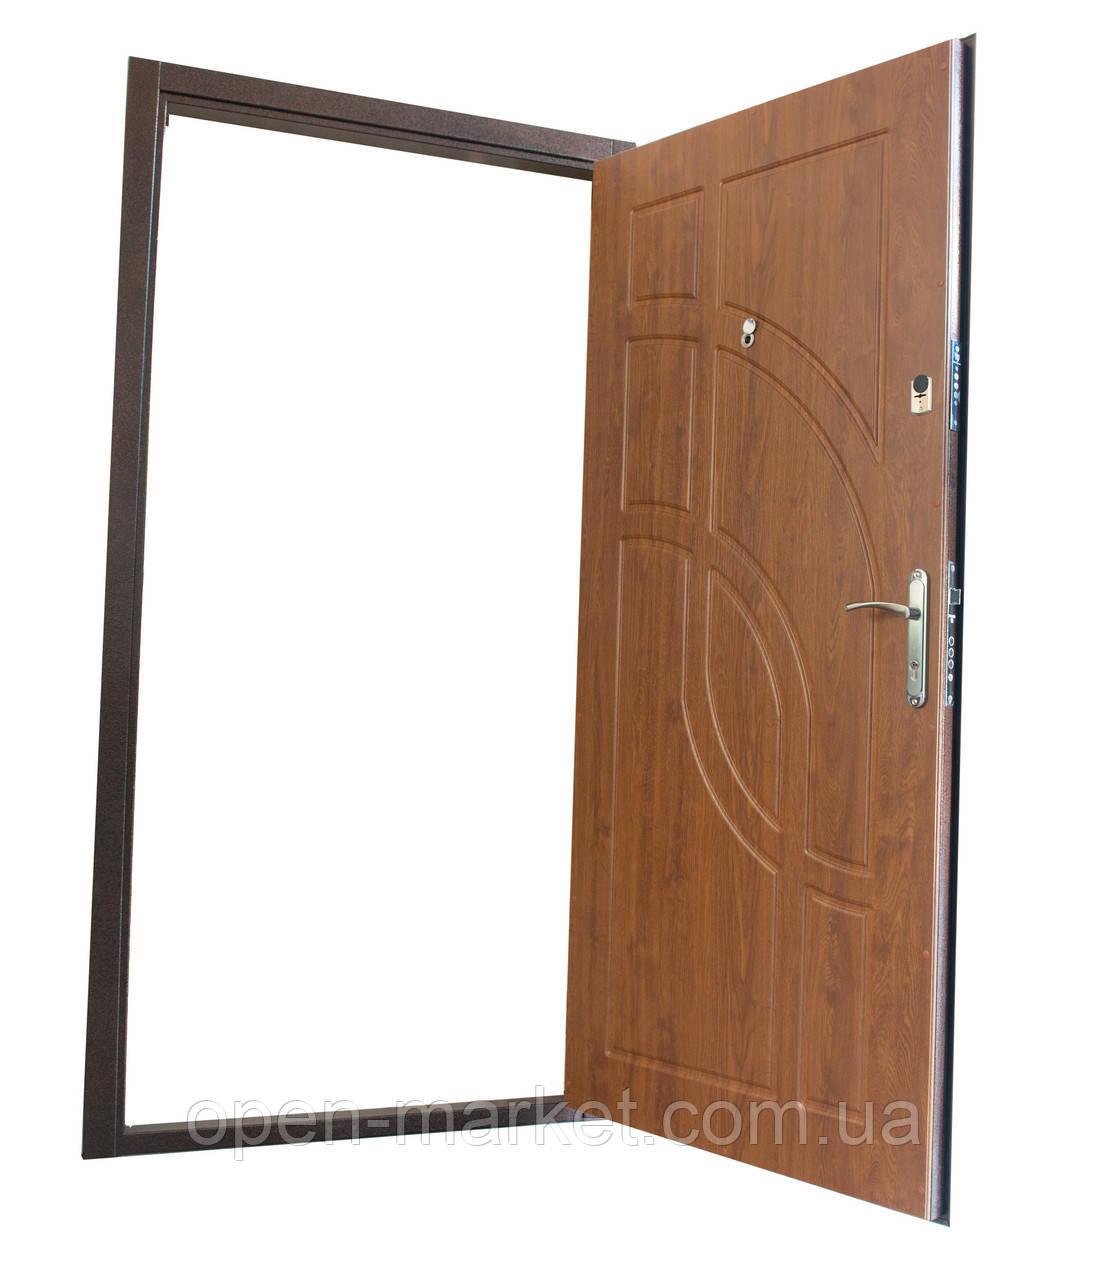 Двери уличные Нечаяное Николаевская область